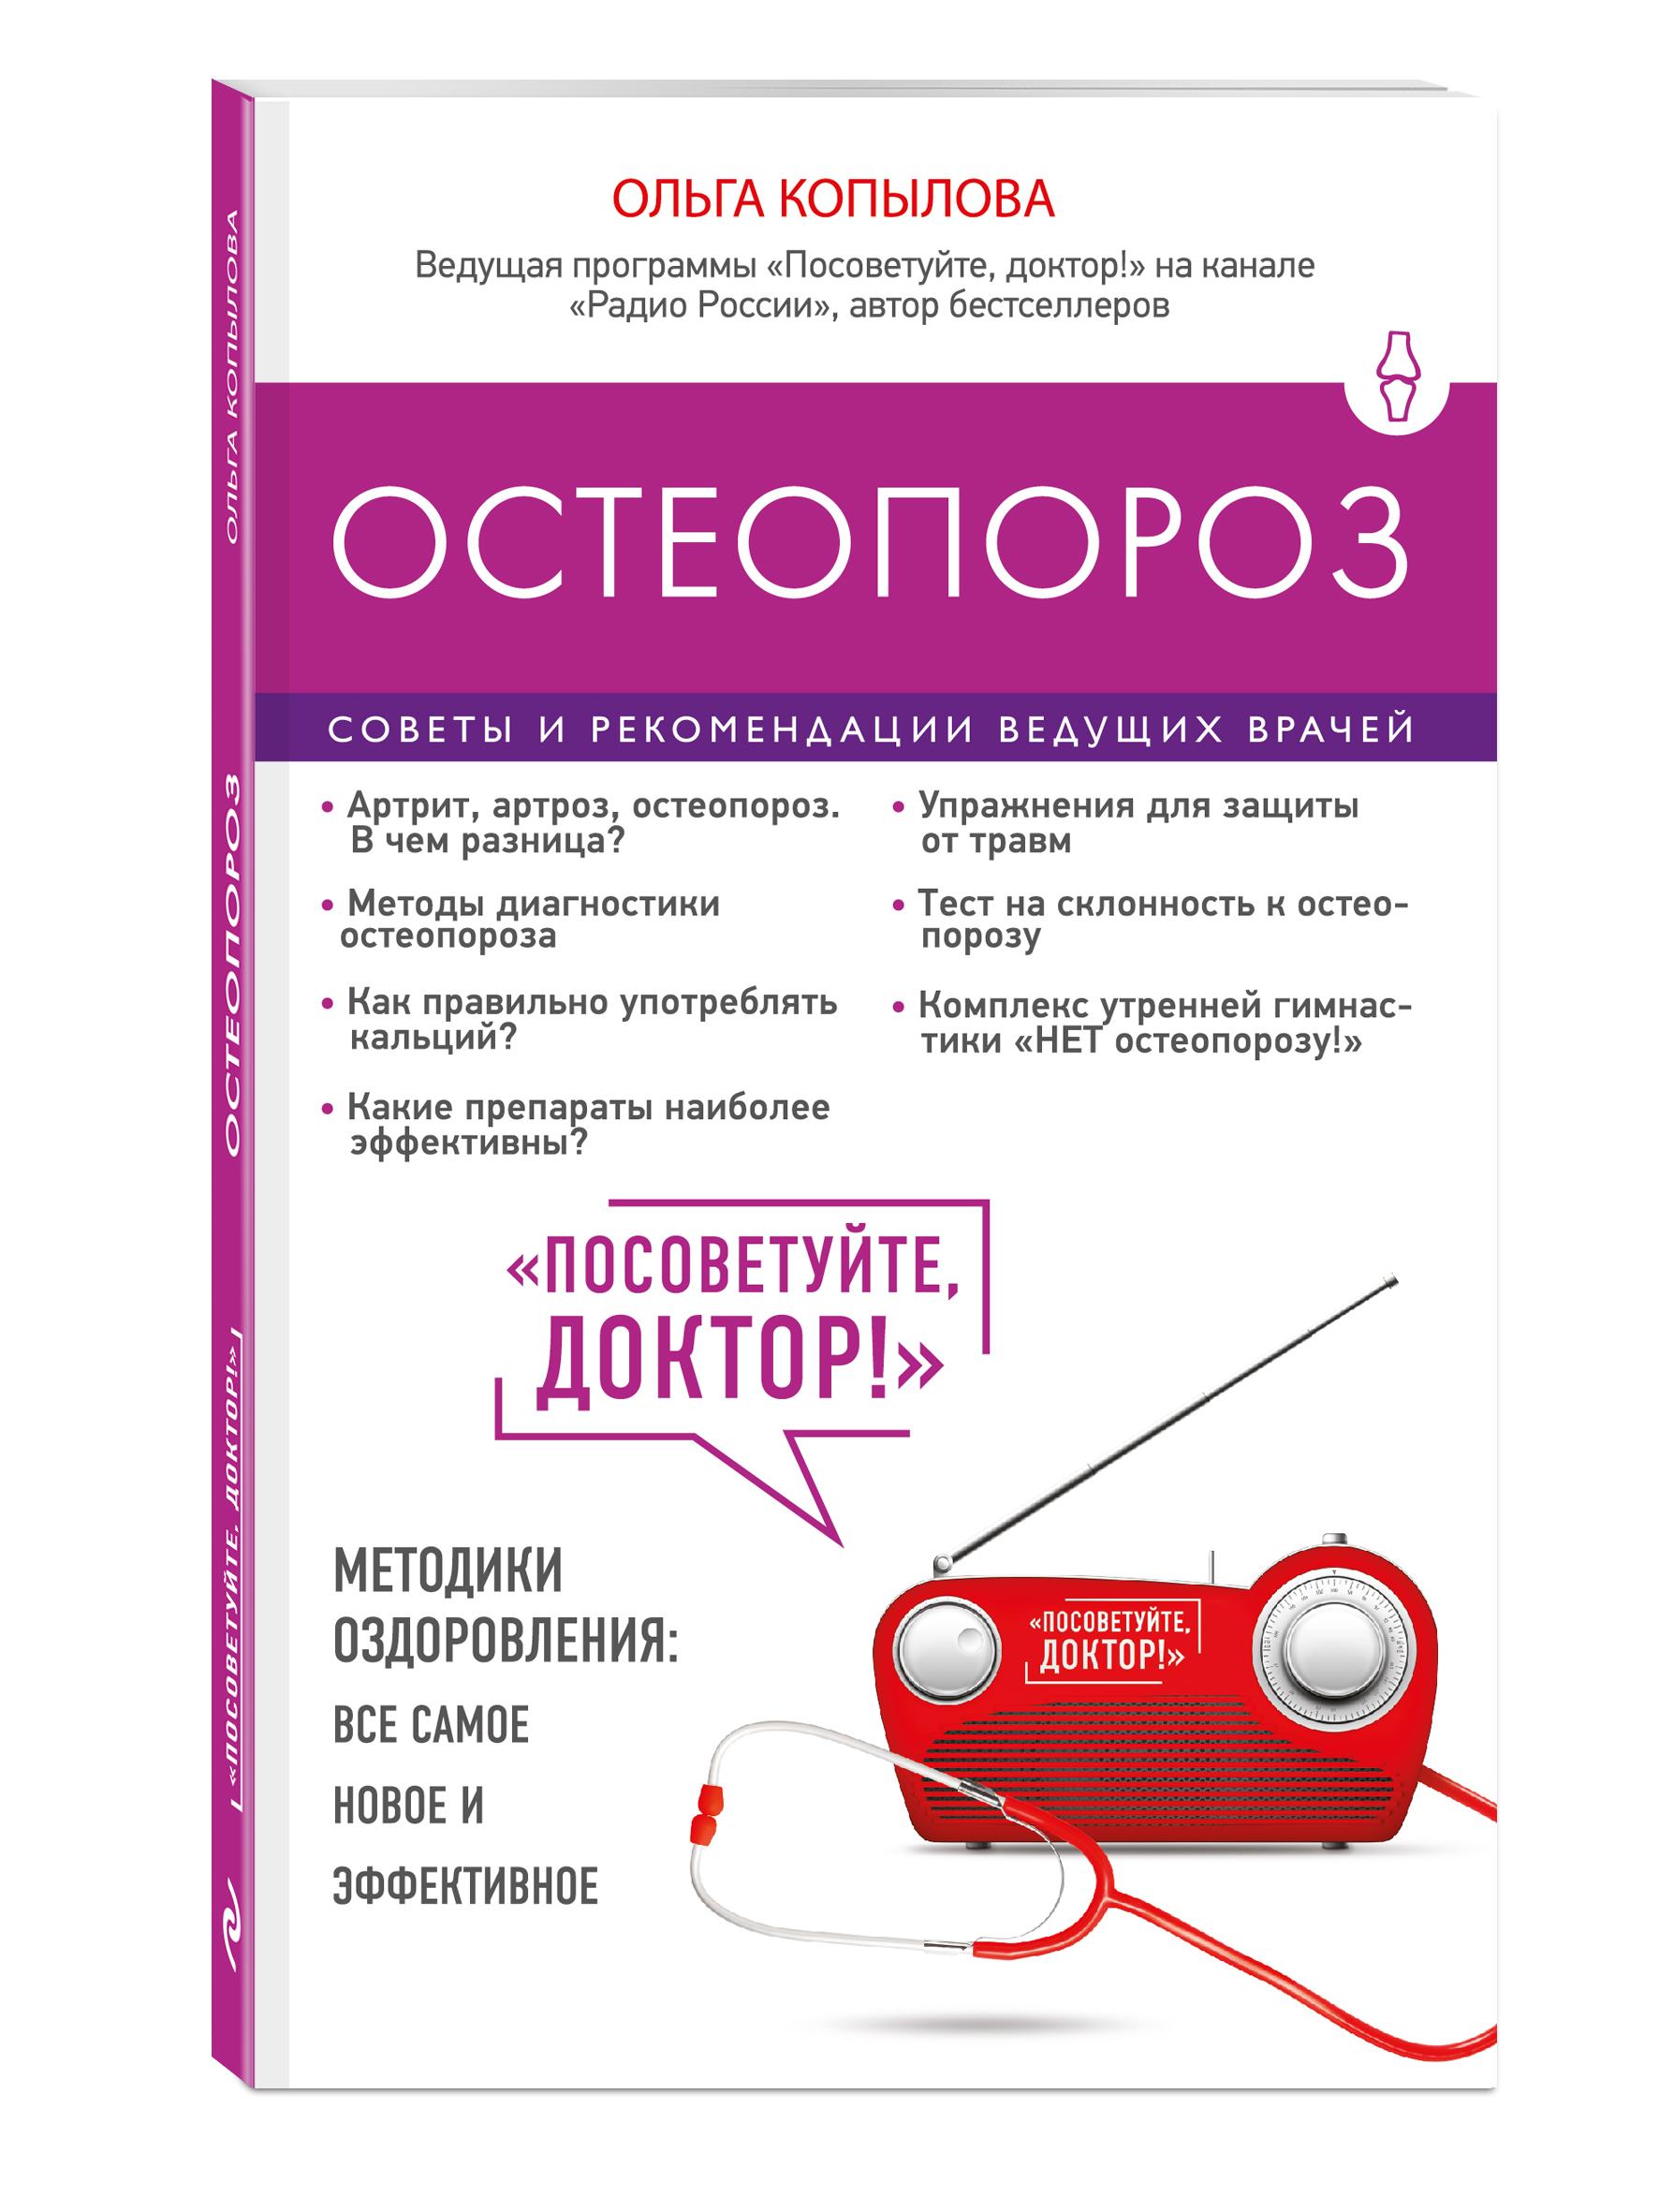 Остеопороз. Советы и рекомендации ведущих врачей ( Копылова О.С.  )